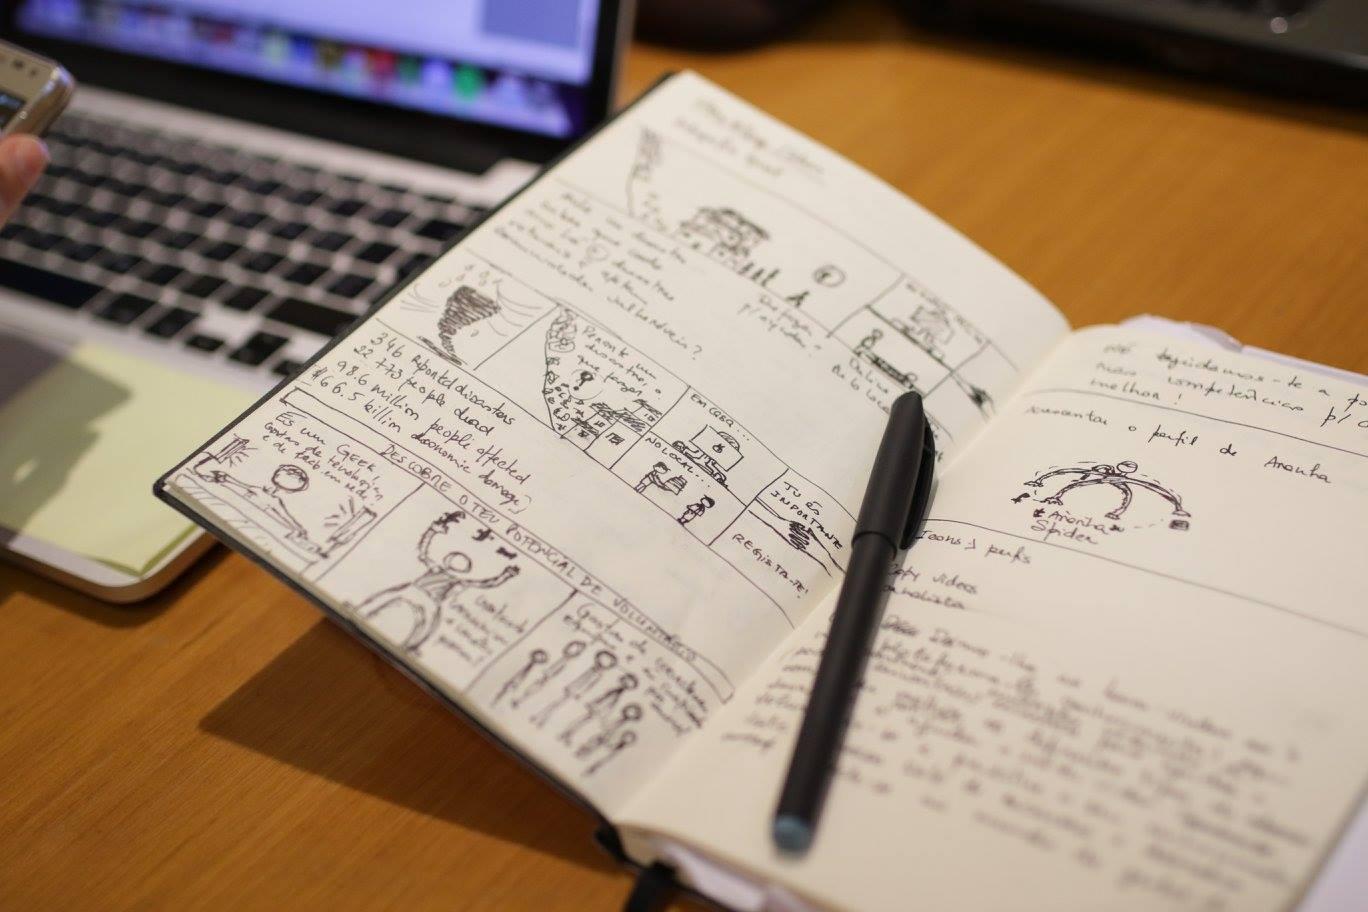 La creatividad es la pauta de trabajo del Laboratorio.